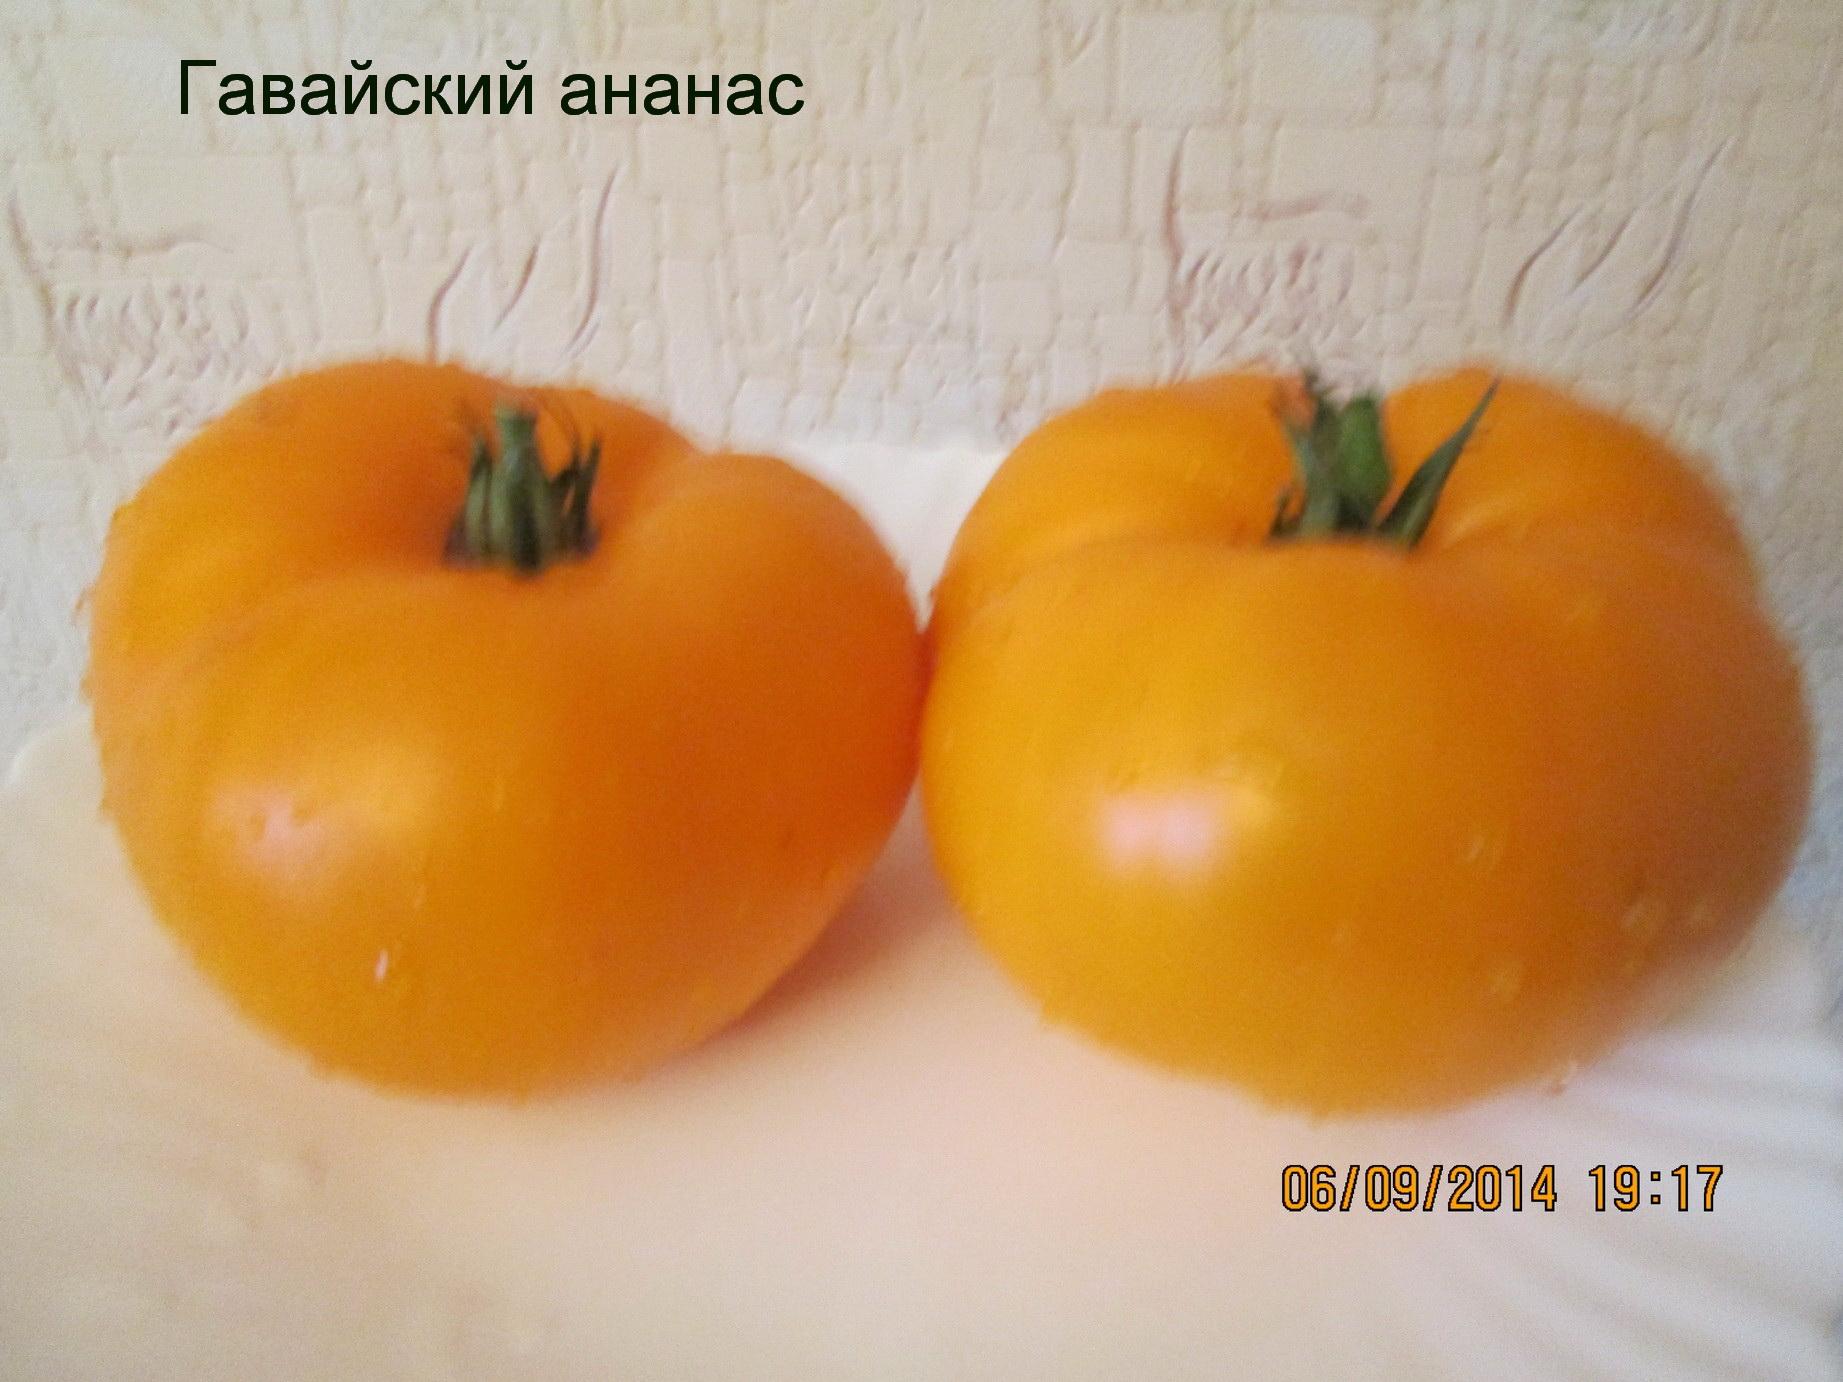 Томат черный ананас: характеристика и описание сорта, отзывы об урожайности помидоров и фото